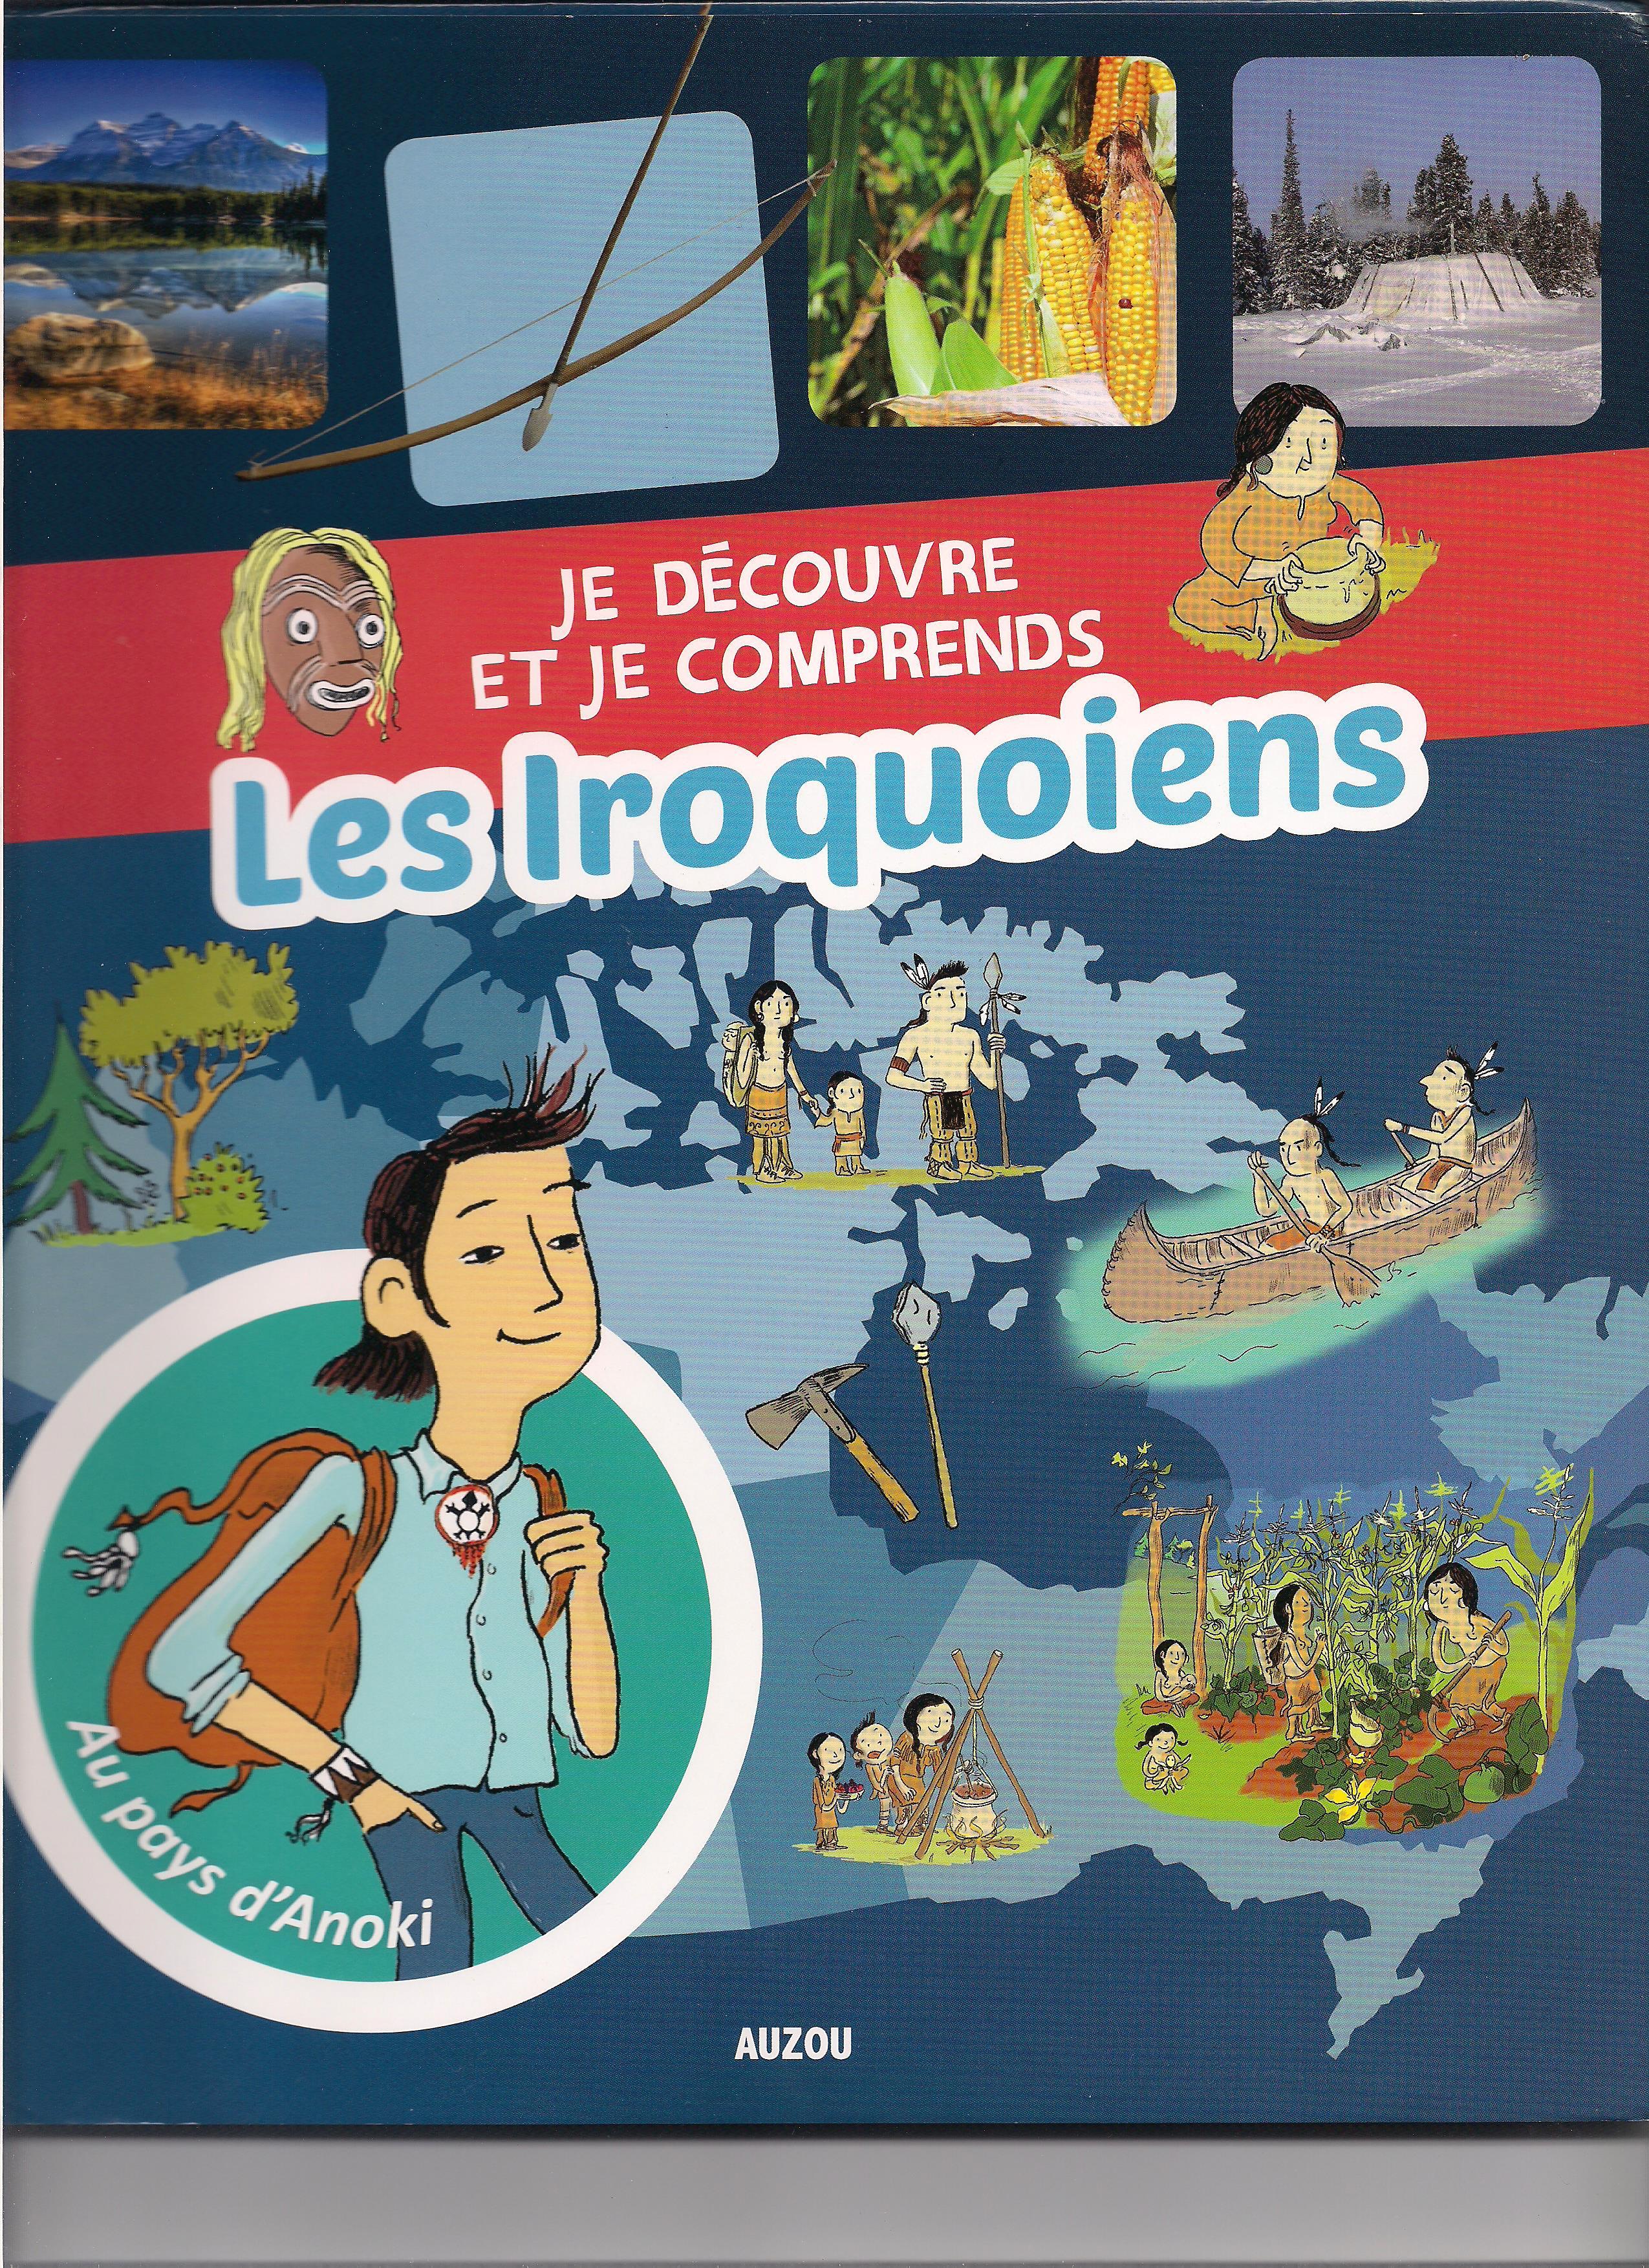 Les Iroquoiens 001